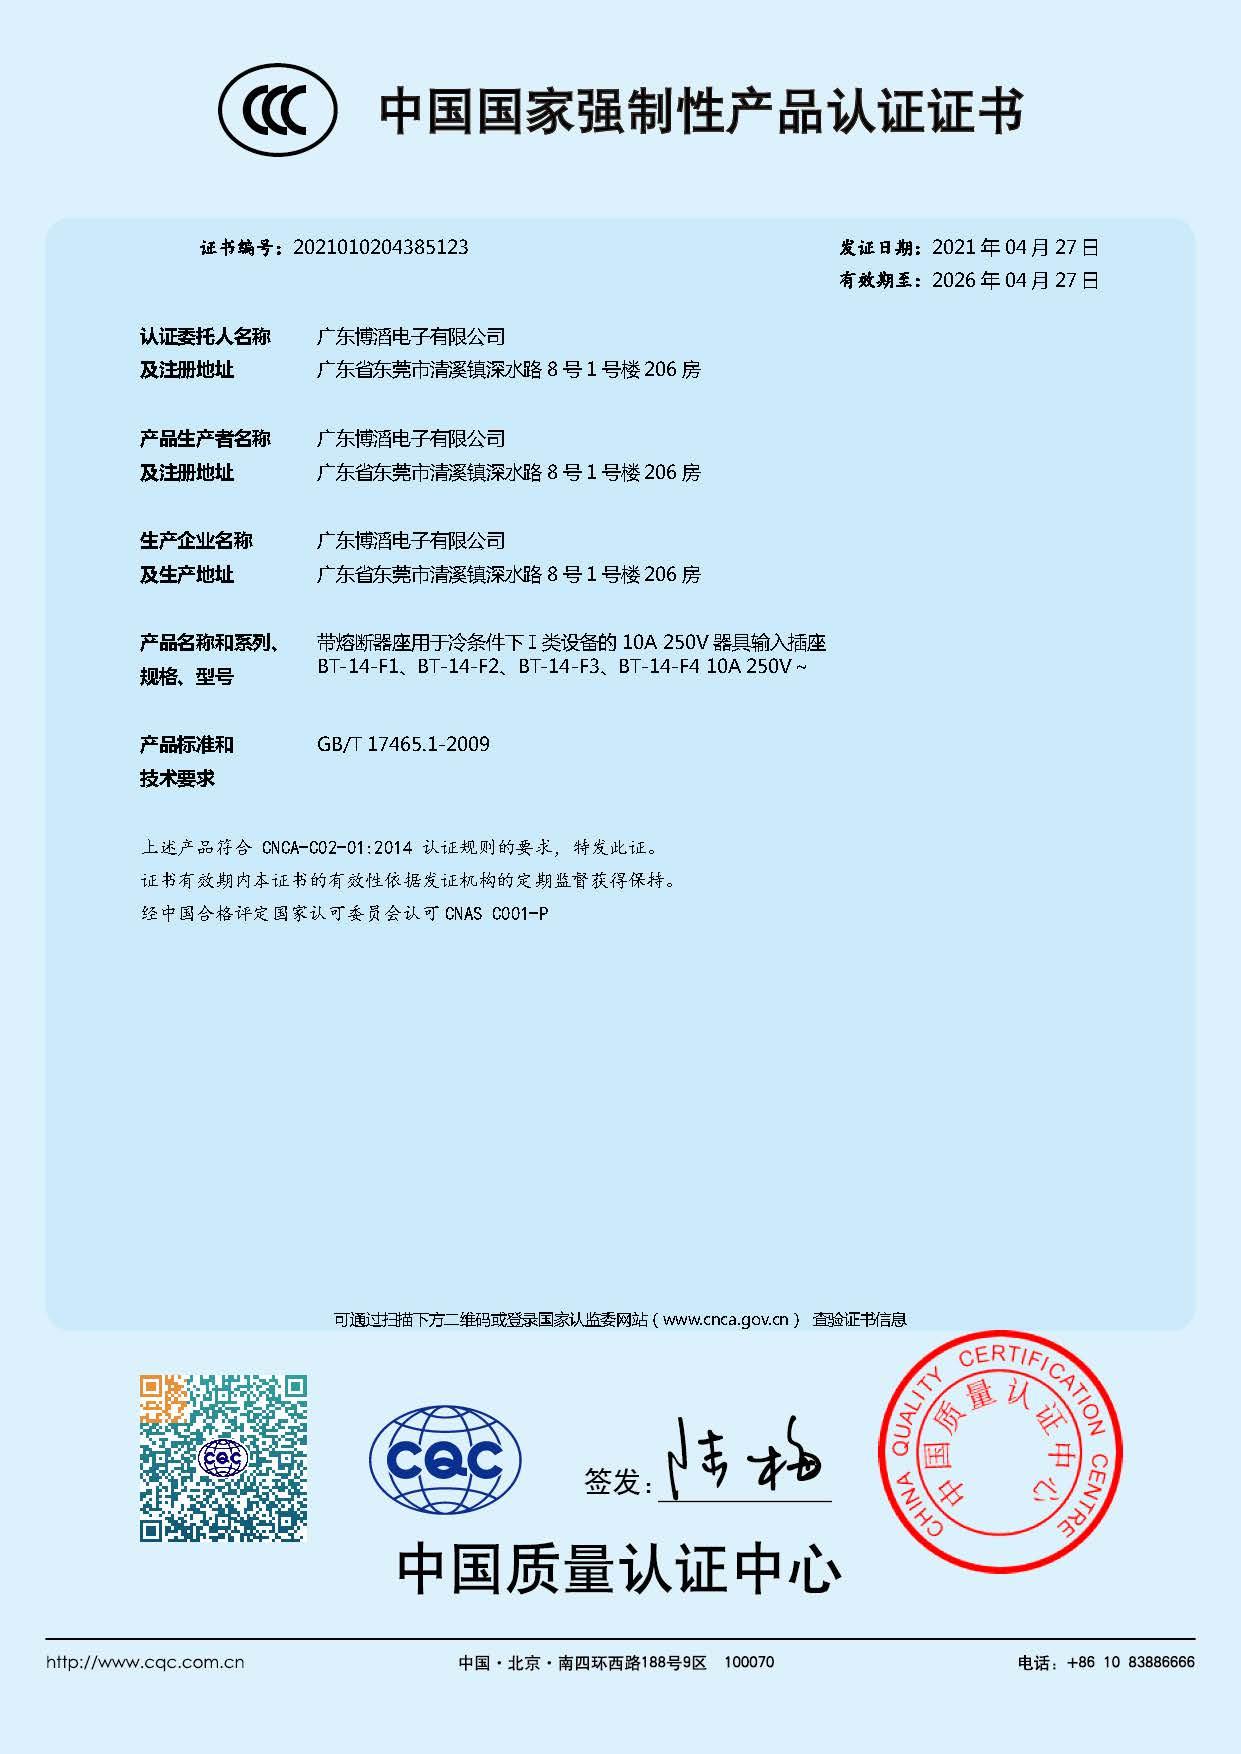 BT-14-F系列 CCC中国国家强制性产品认证证书